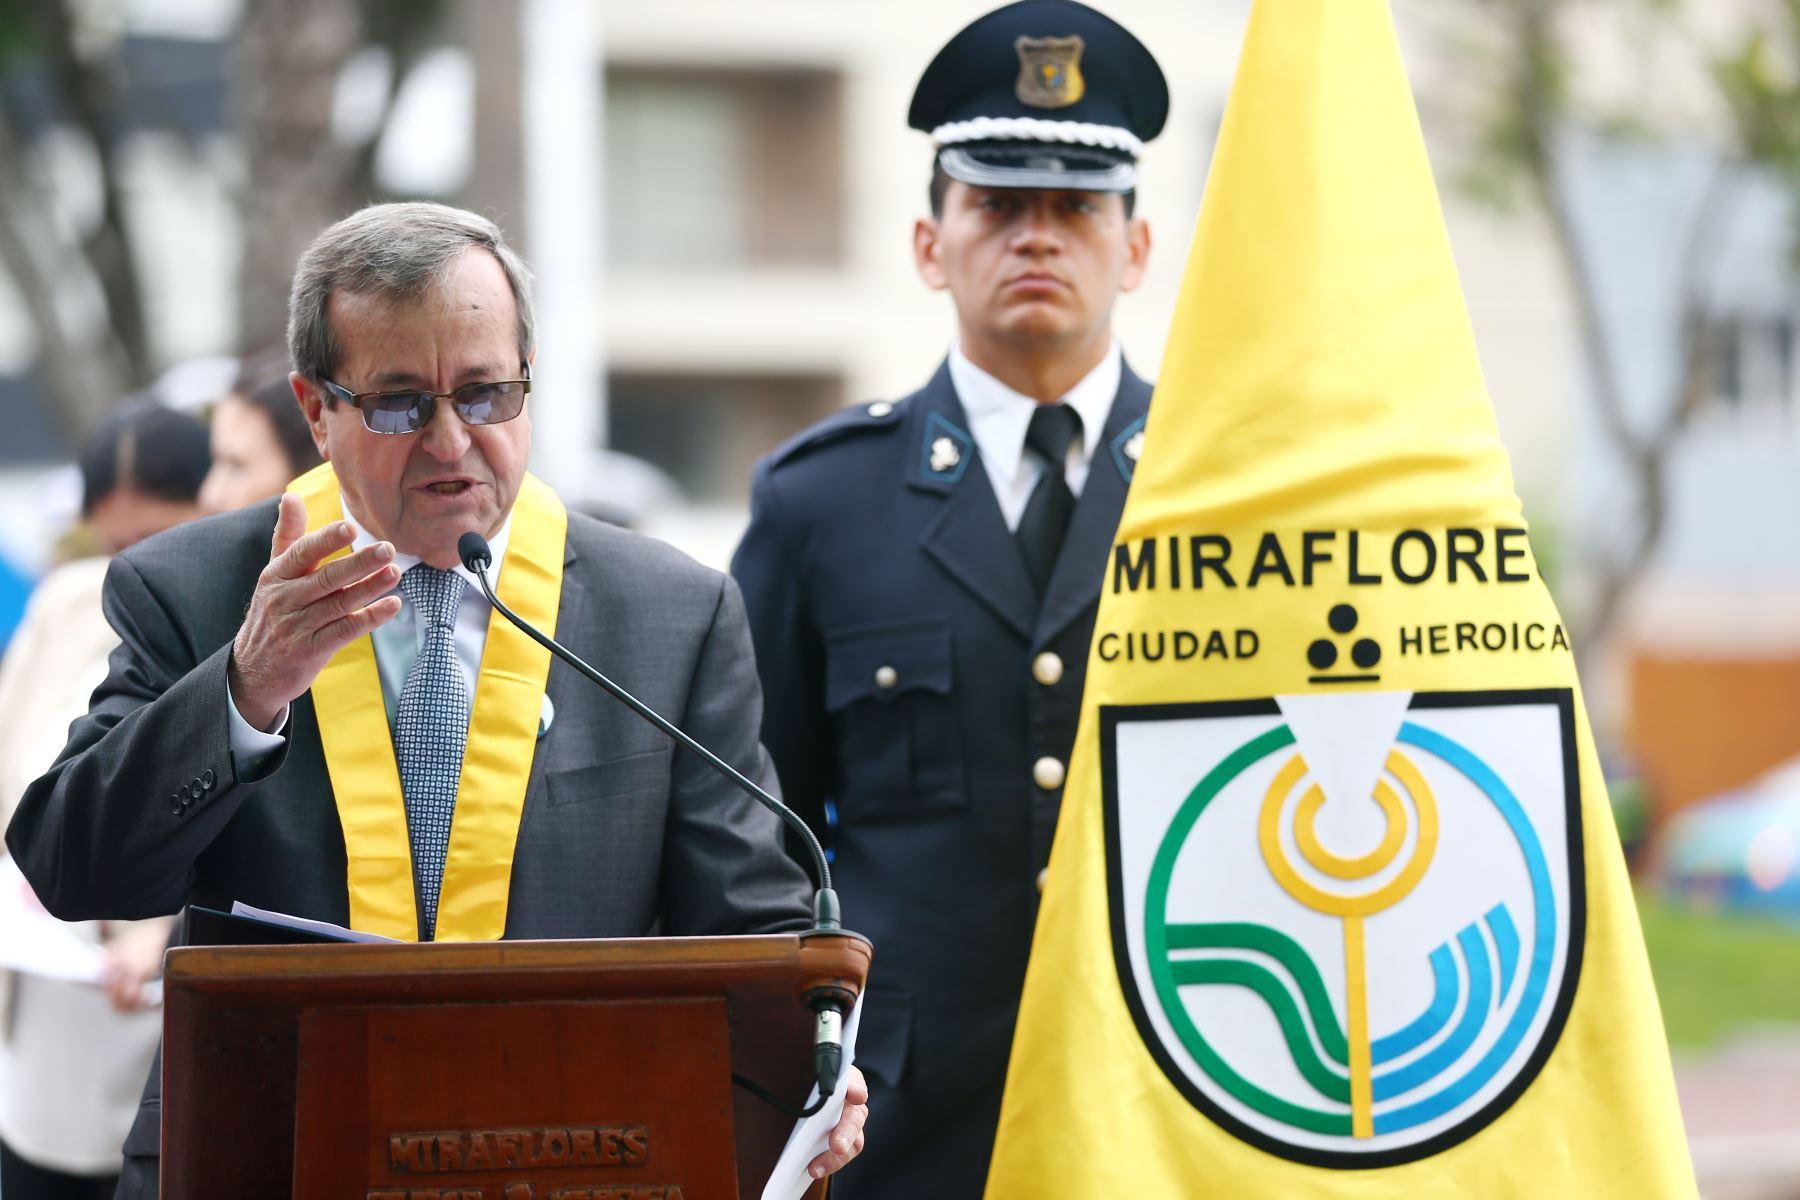 Luis Molina, alcalde de Miraflores, en  ceremonia de  homenaje por el centenario del fallecimiento de Ricardo Palma. Foto: ANDINA/Melina Mejía